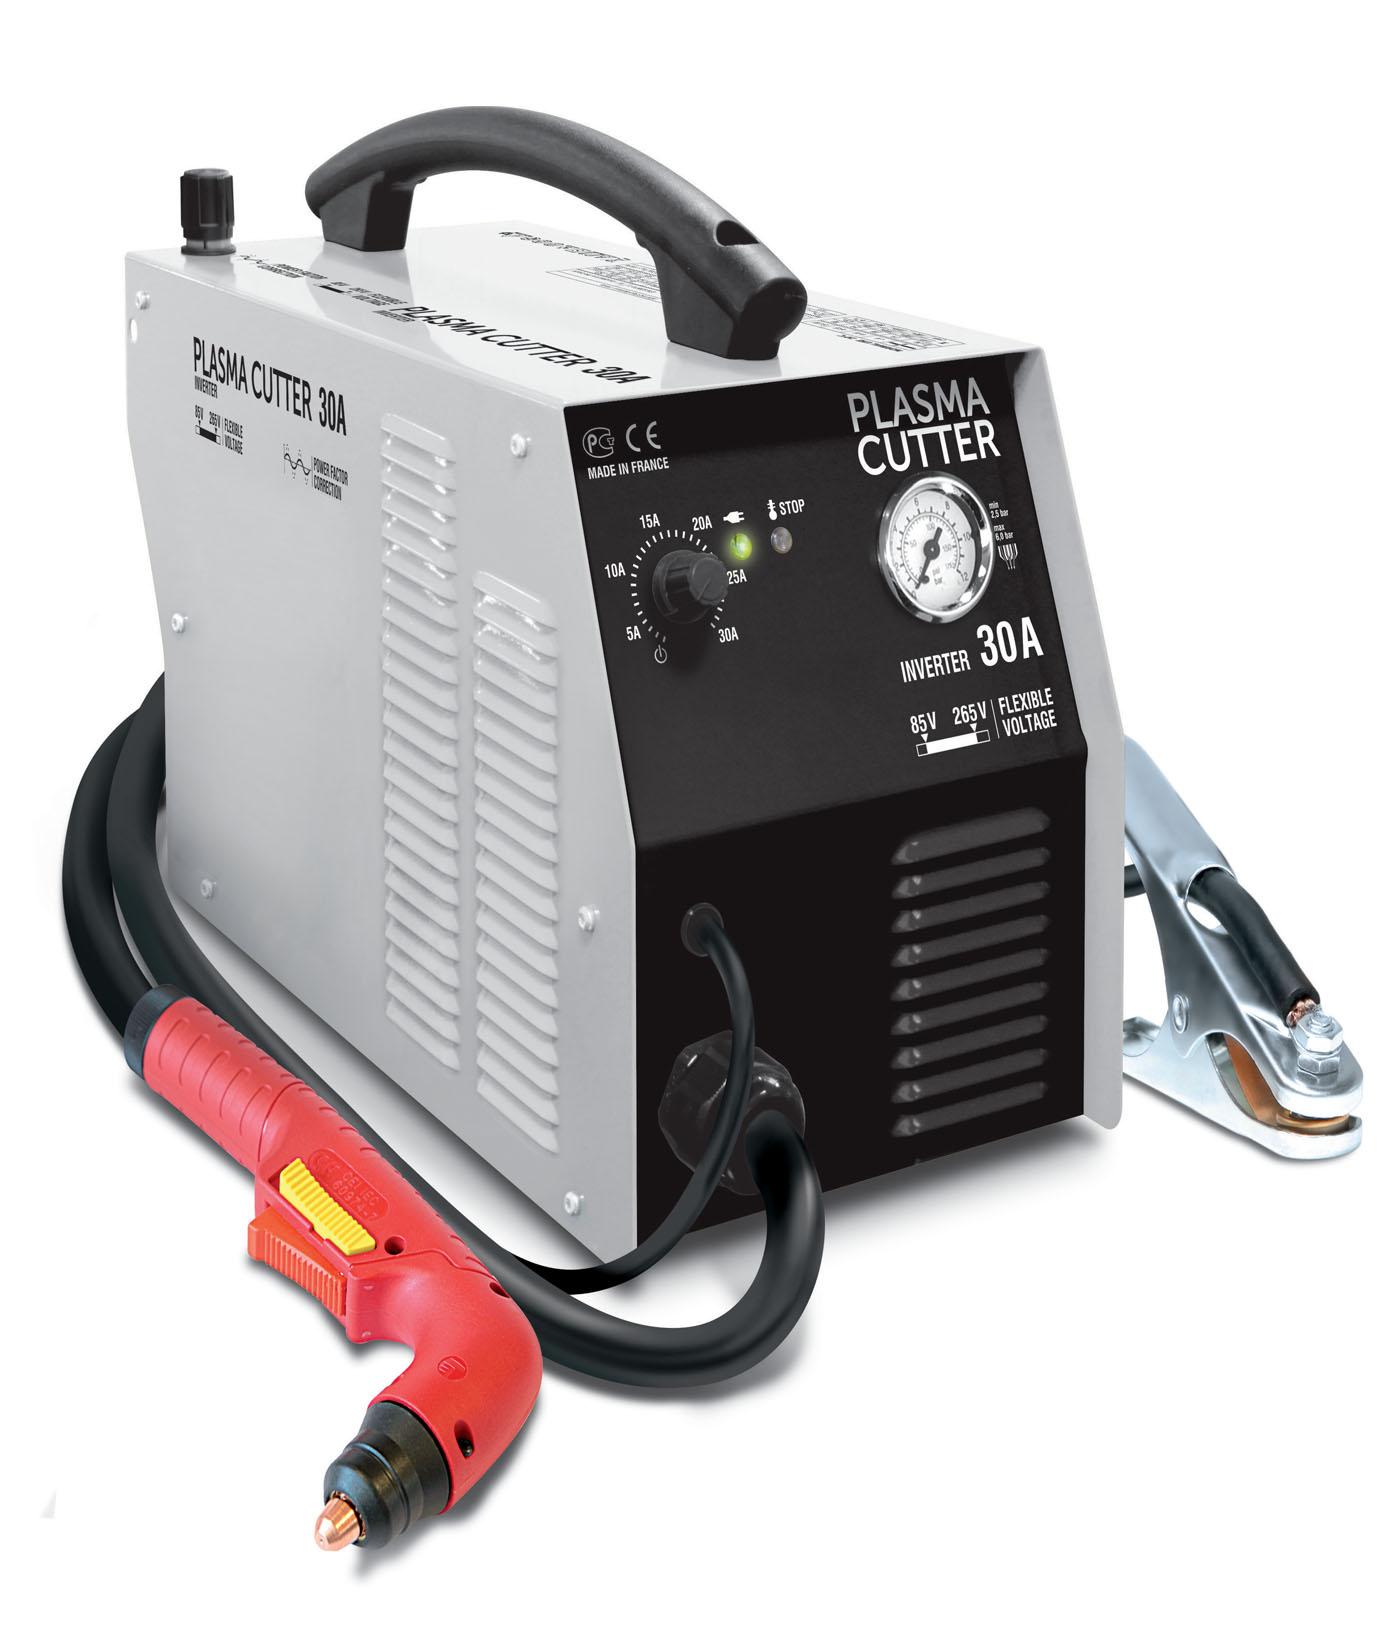 Equipo de soldadura TSD-Tecsolda generador plasma